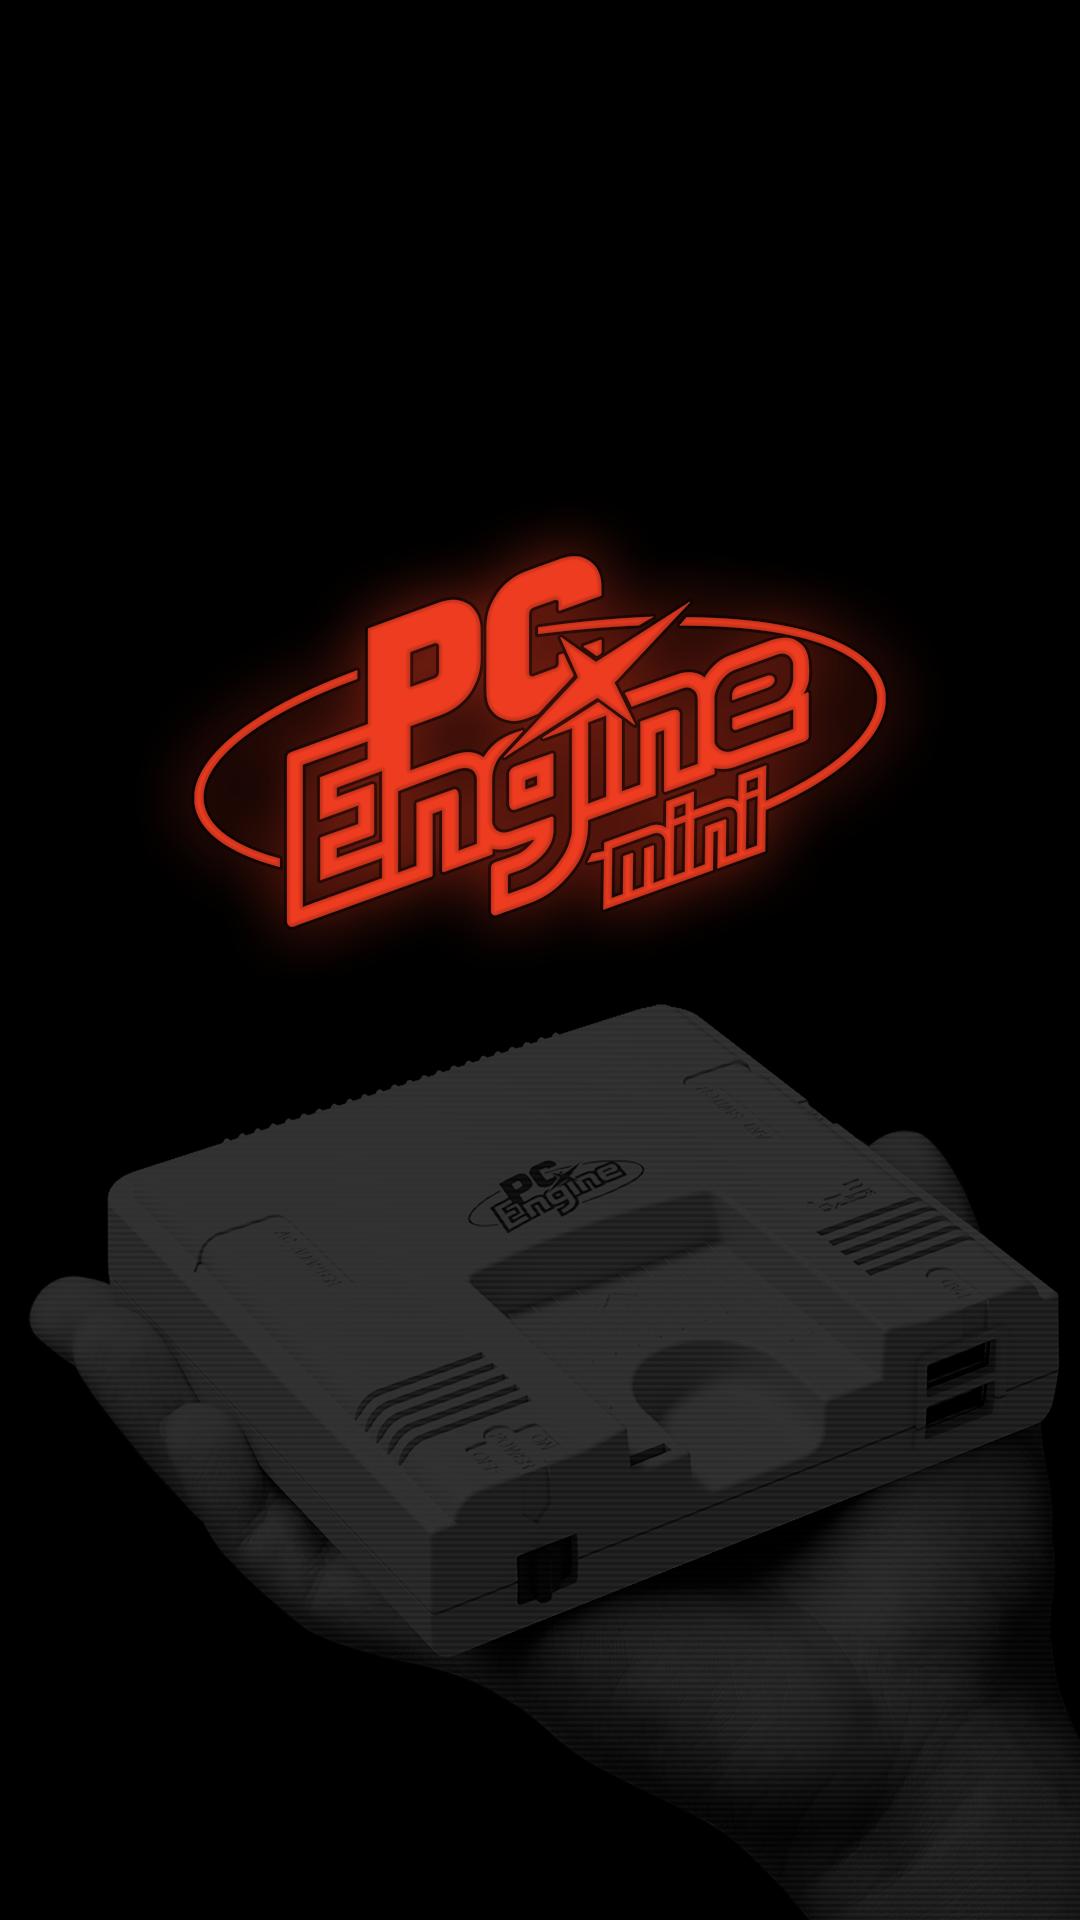 Amazon Co Jp Tgs19出展記念 Pcエンジン Mini 壁紙ダウンロードページ ゲーム